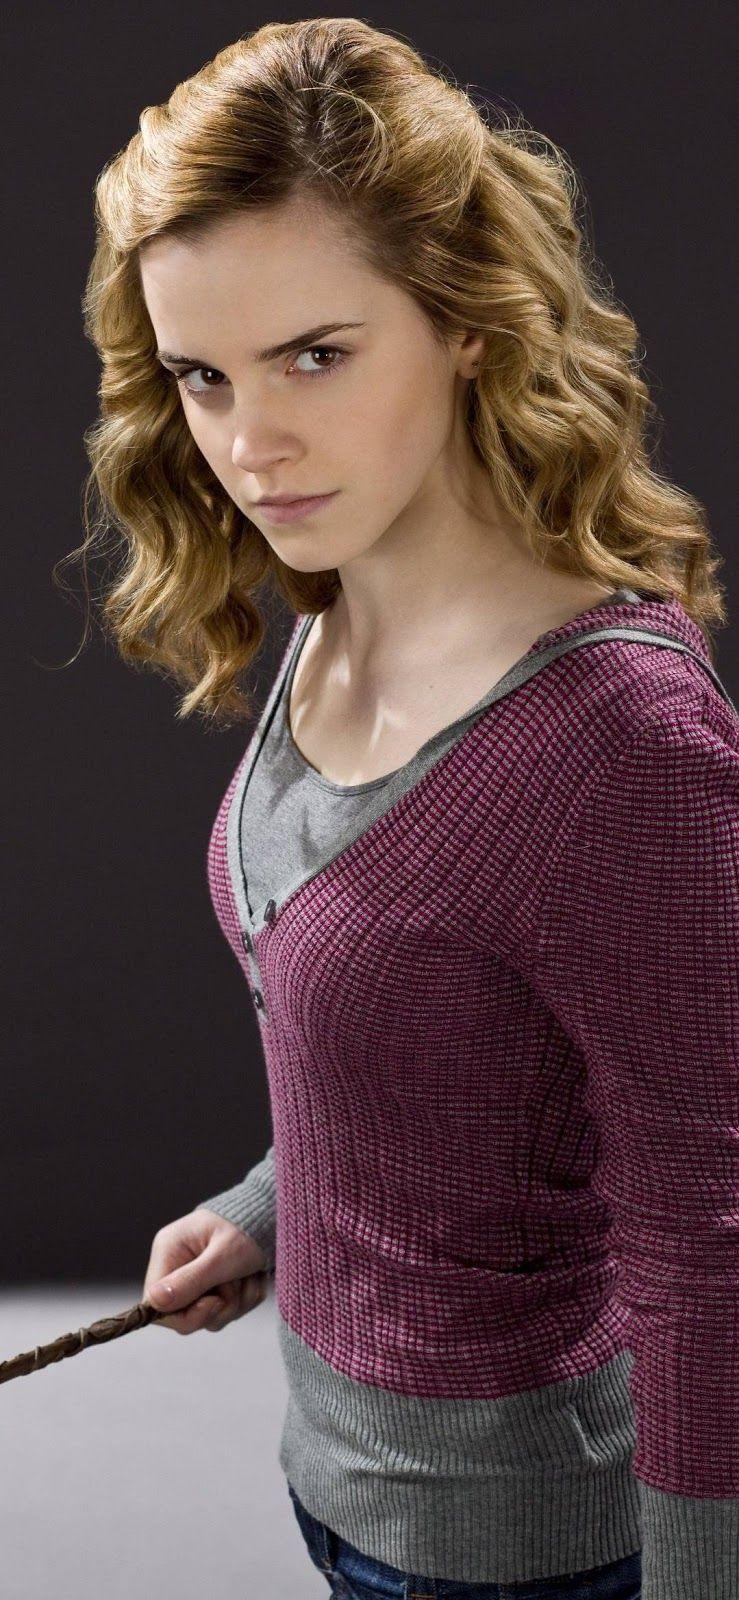 Pin By Damian J On Parole Sagge Emma Watson Movies Who Is Emma Watson Emma Watson Harry Potter